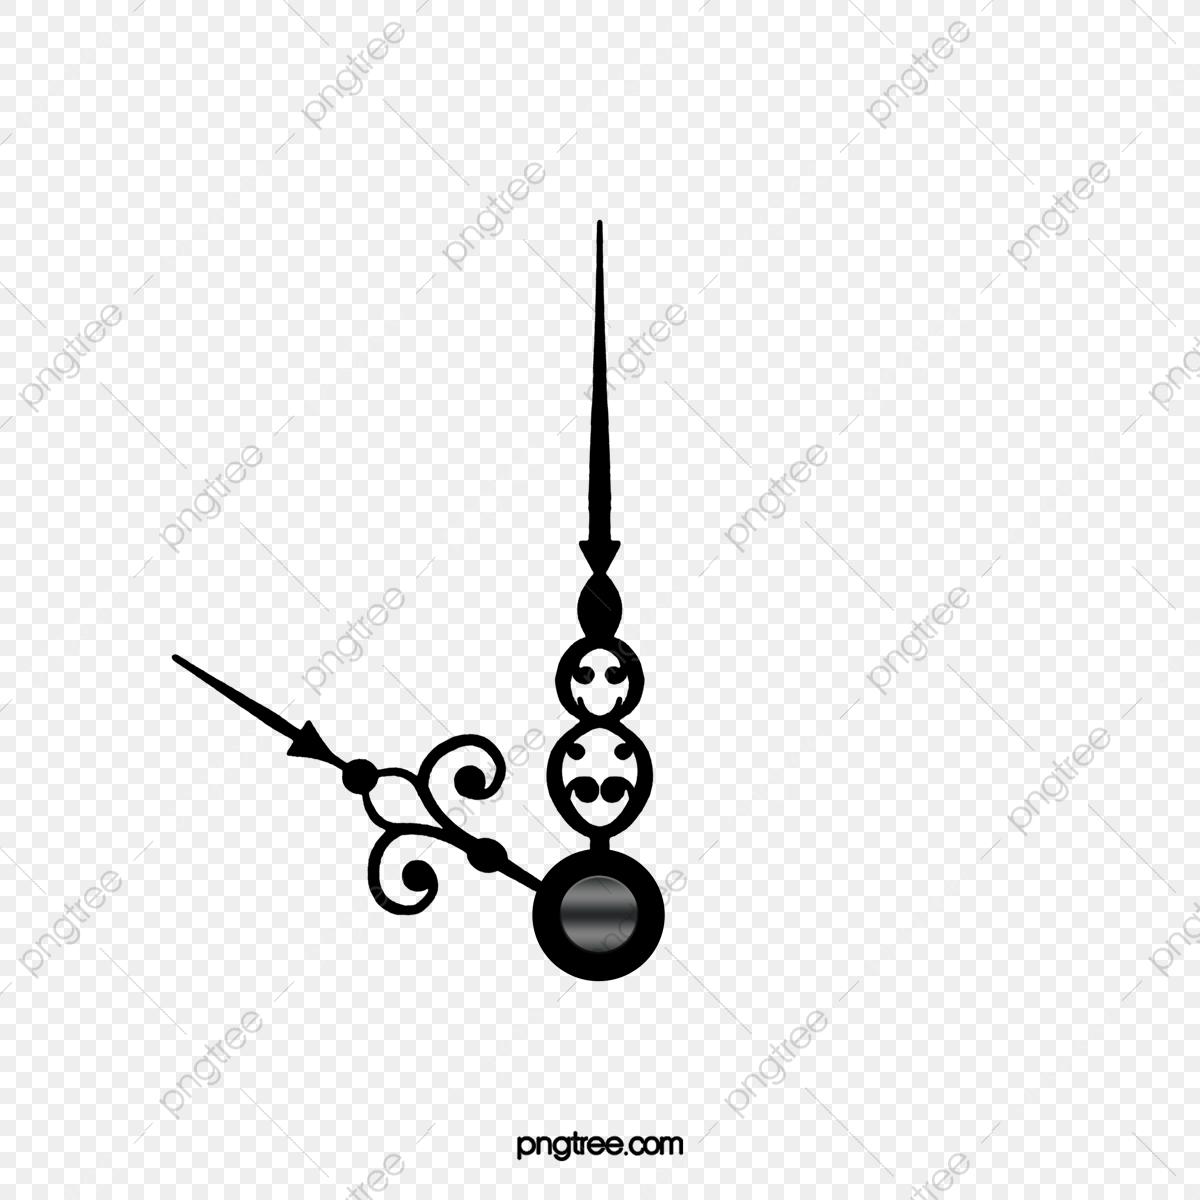 Las Manos Del Reloj Negro Hermoso, Clipart De Reloj, Manecillas Del Reloj  Negro, Hermosas Manecillas Del Reloj PNG y PSD para Descargar Gratis |  Pngtree